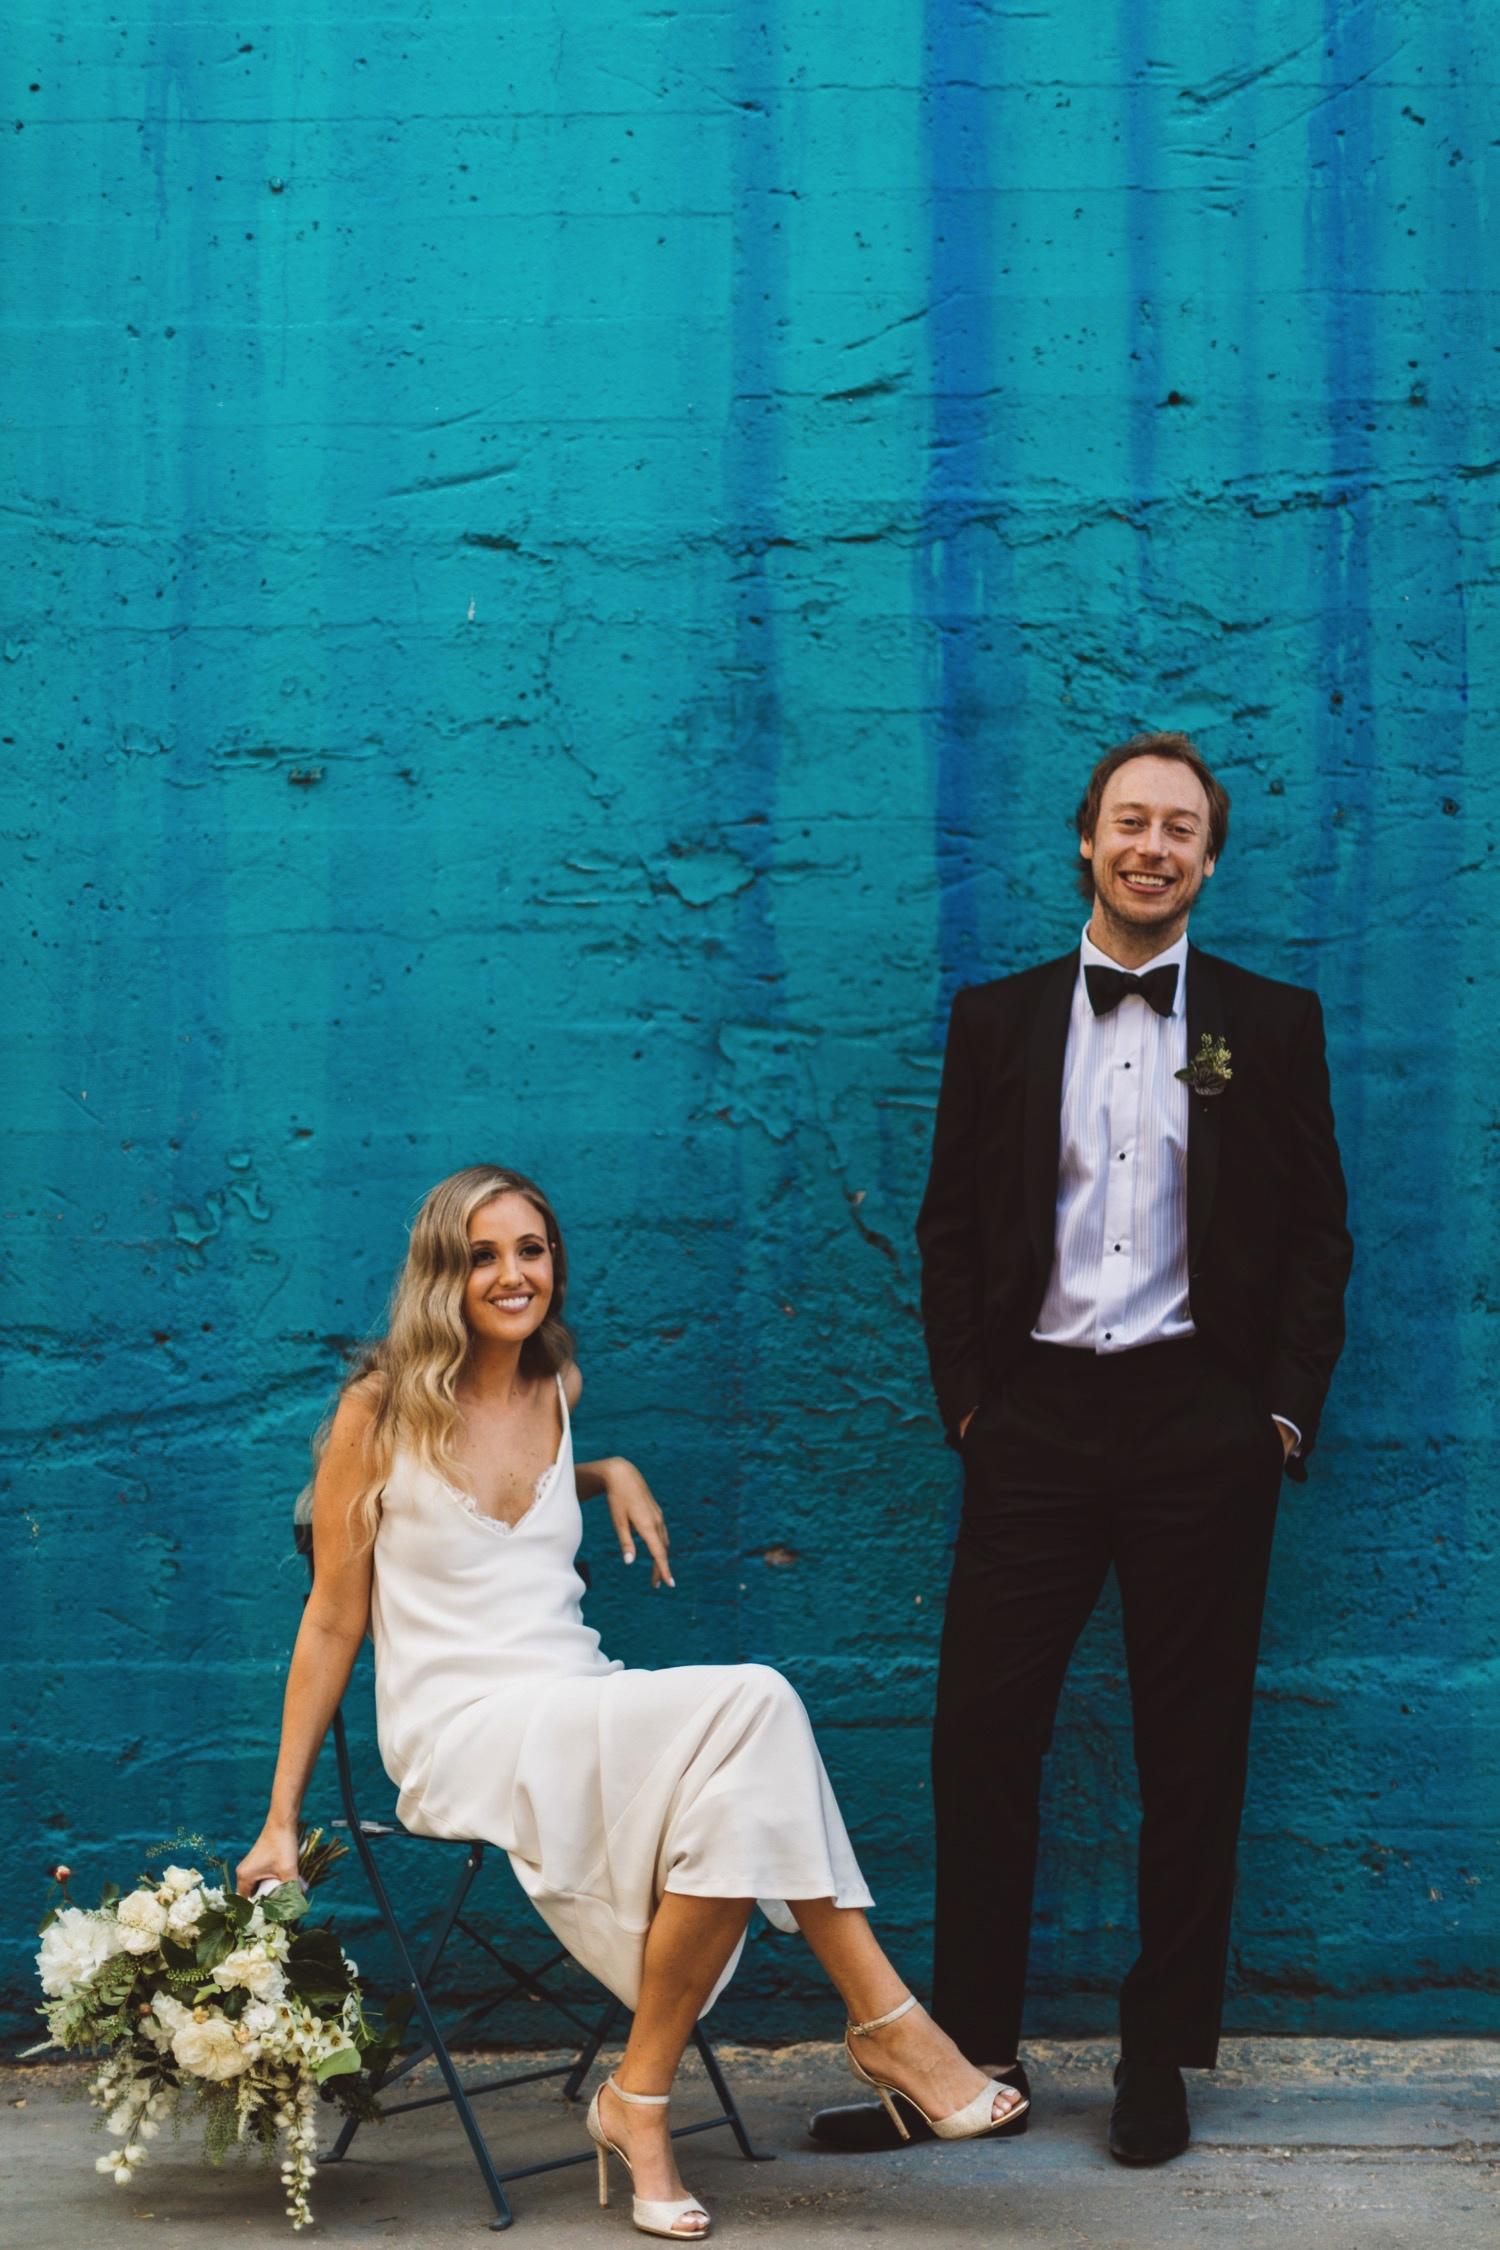 000025_Matt+Kaily- Married_stevecowellphoto-2132.jpg